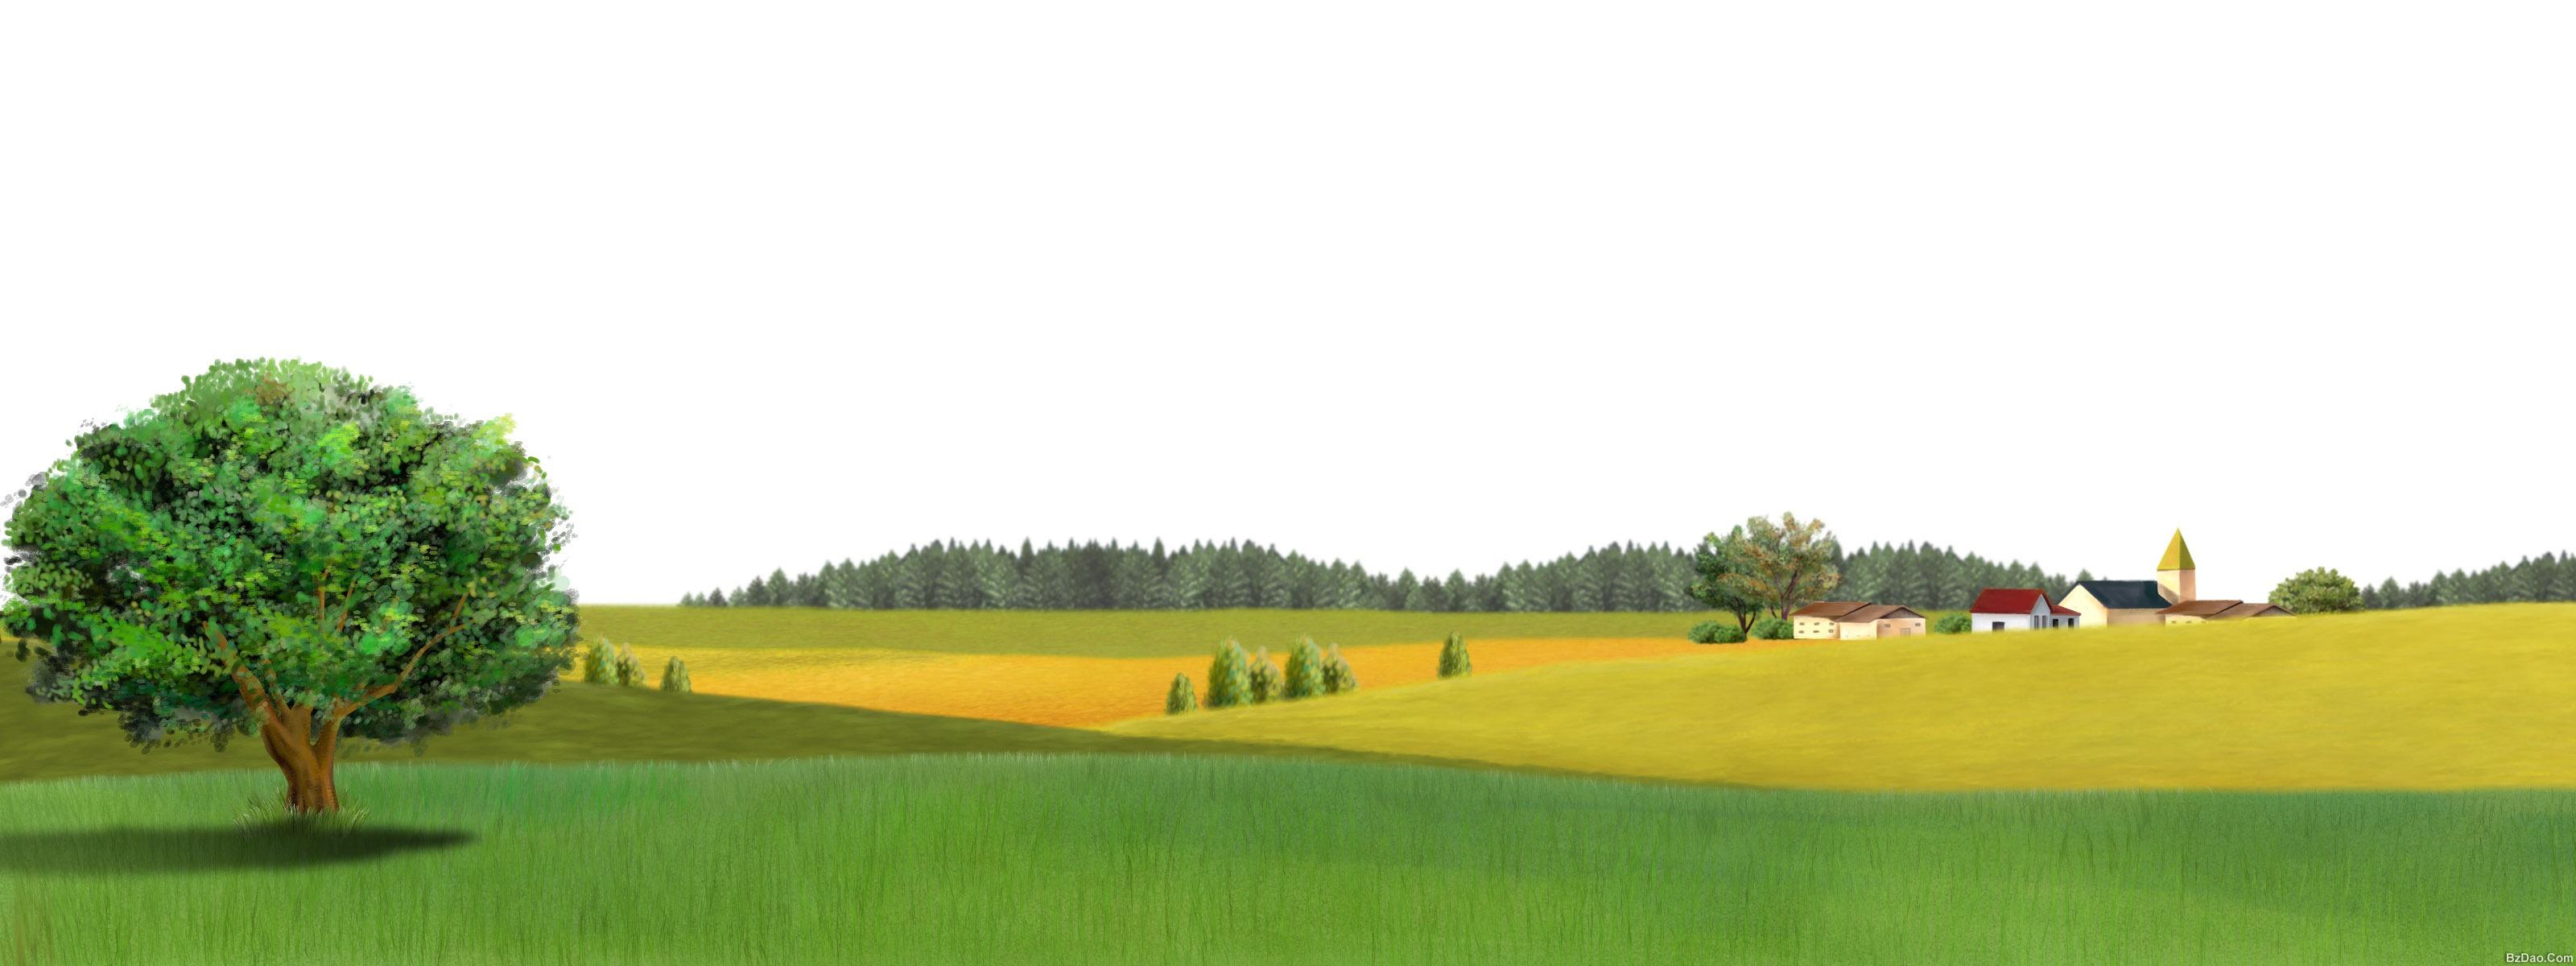 ps手绘风景 风景520